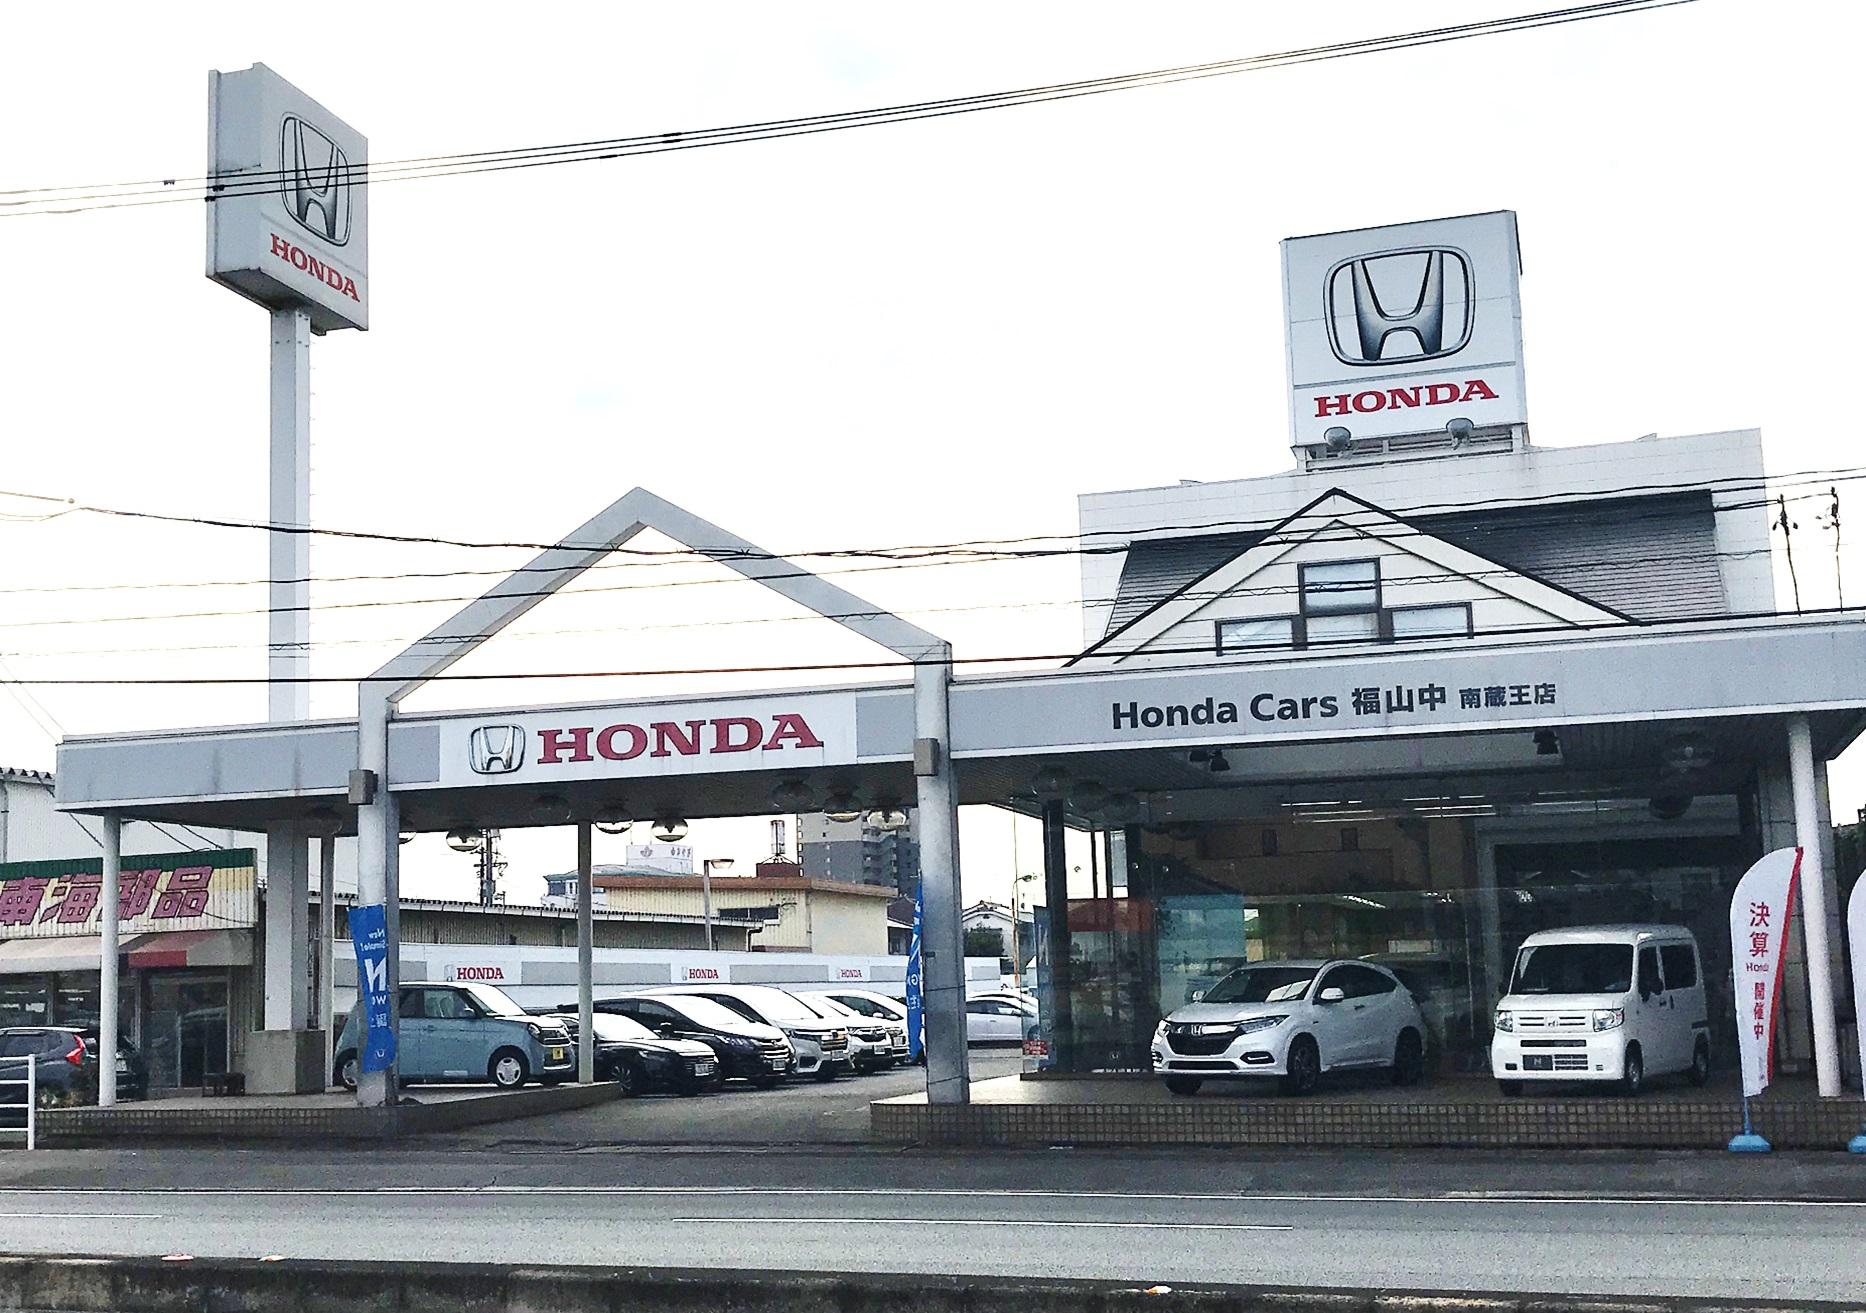 Honda Cars 福山中